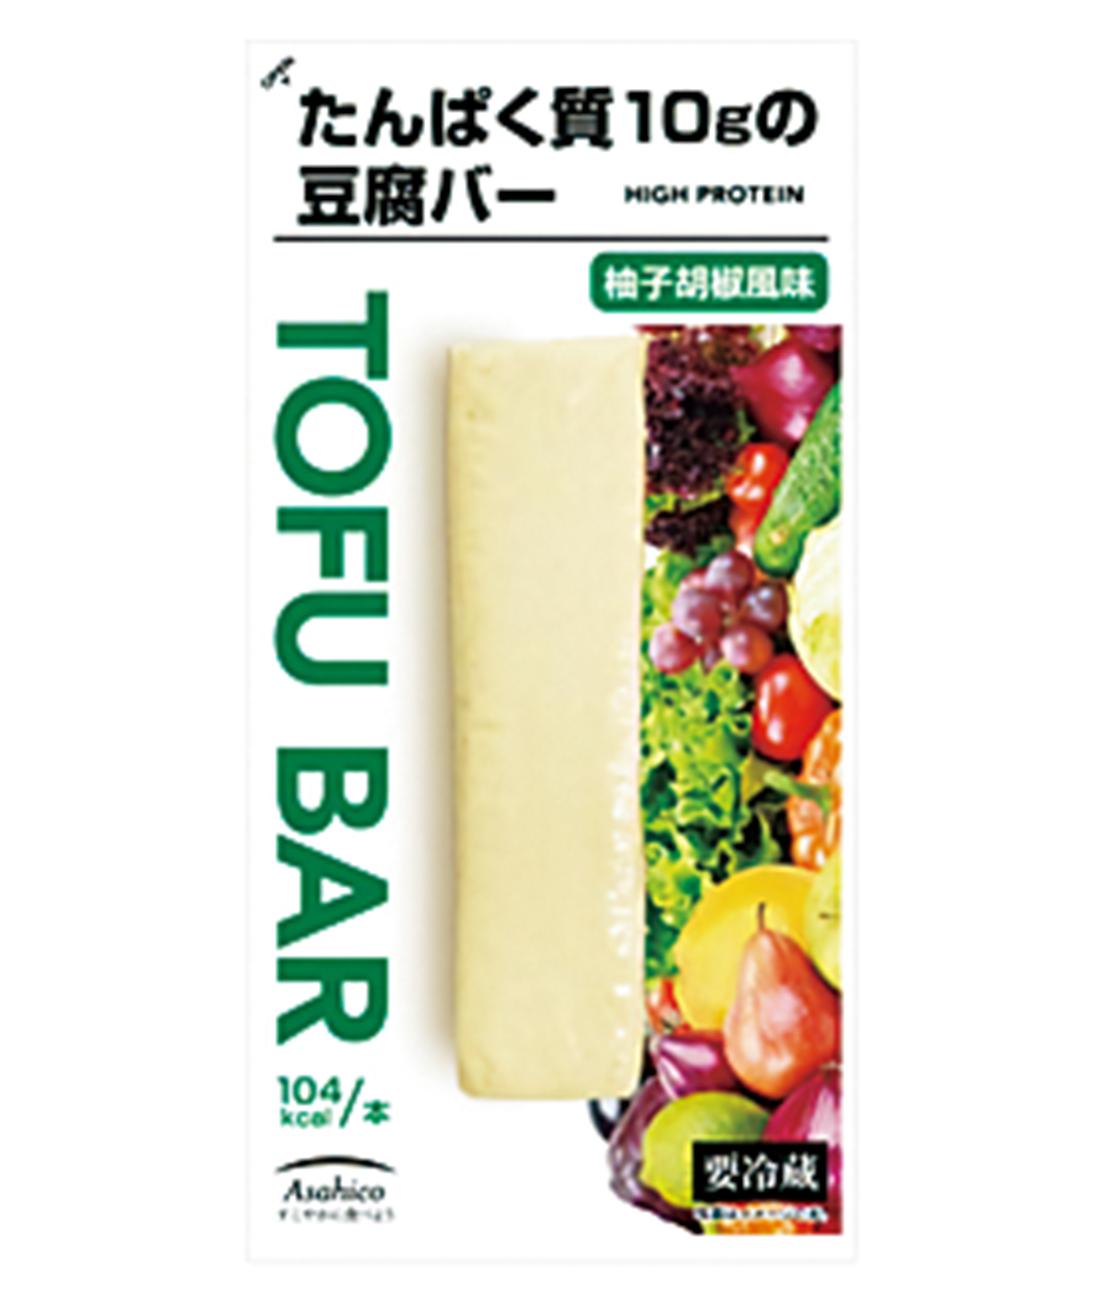 トーフバー 柚子胡椒風味